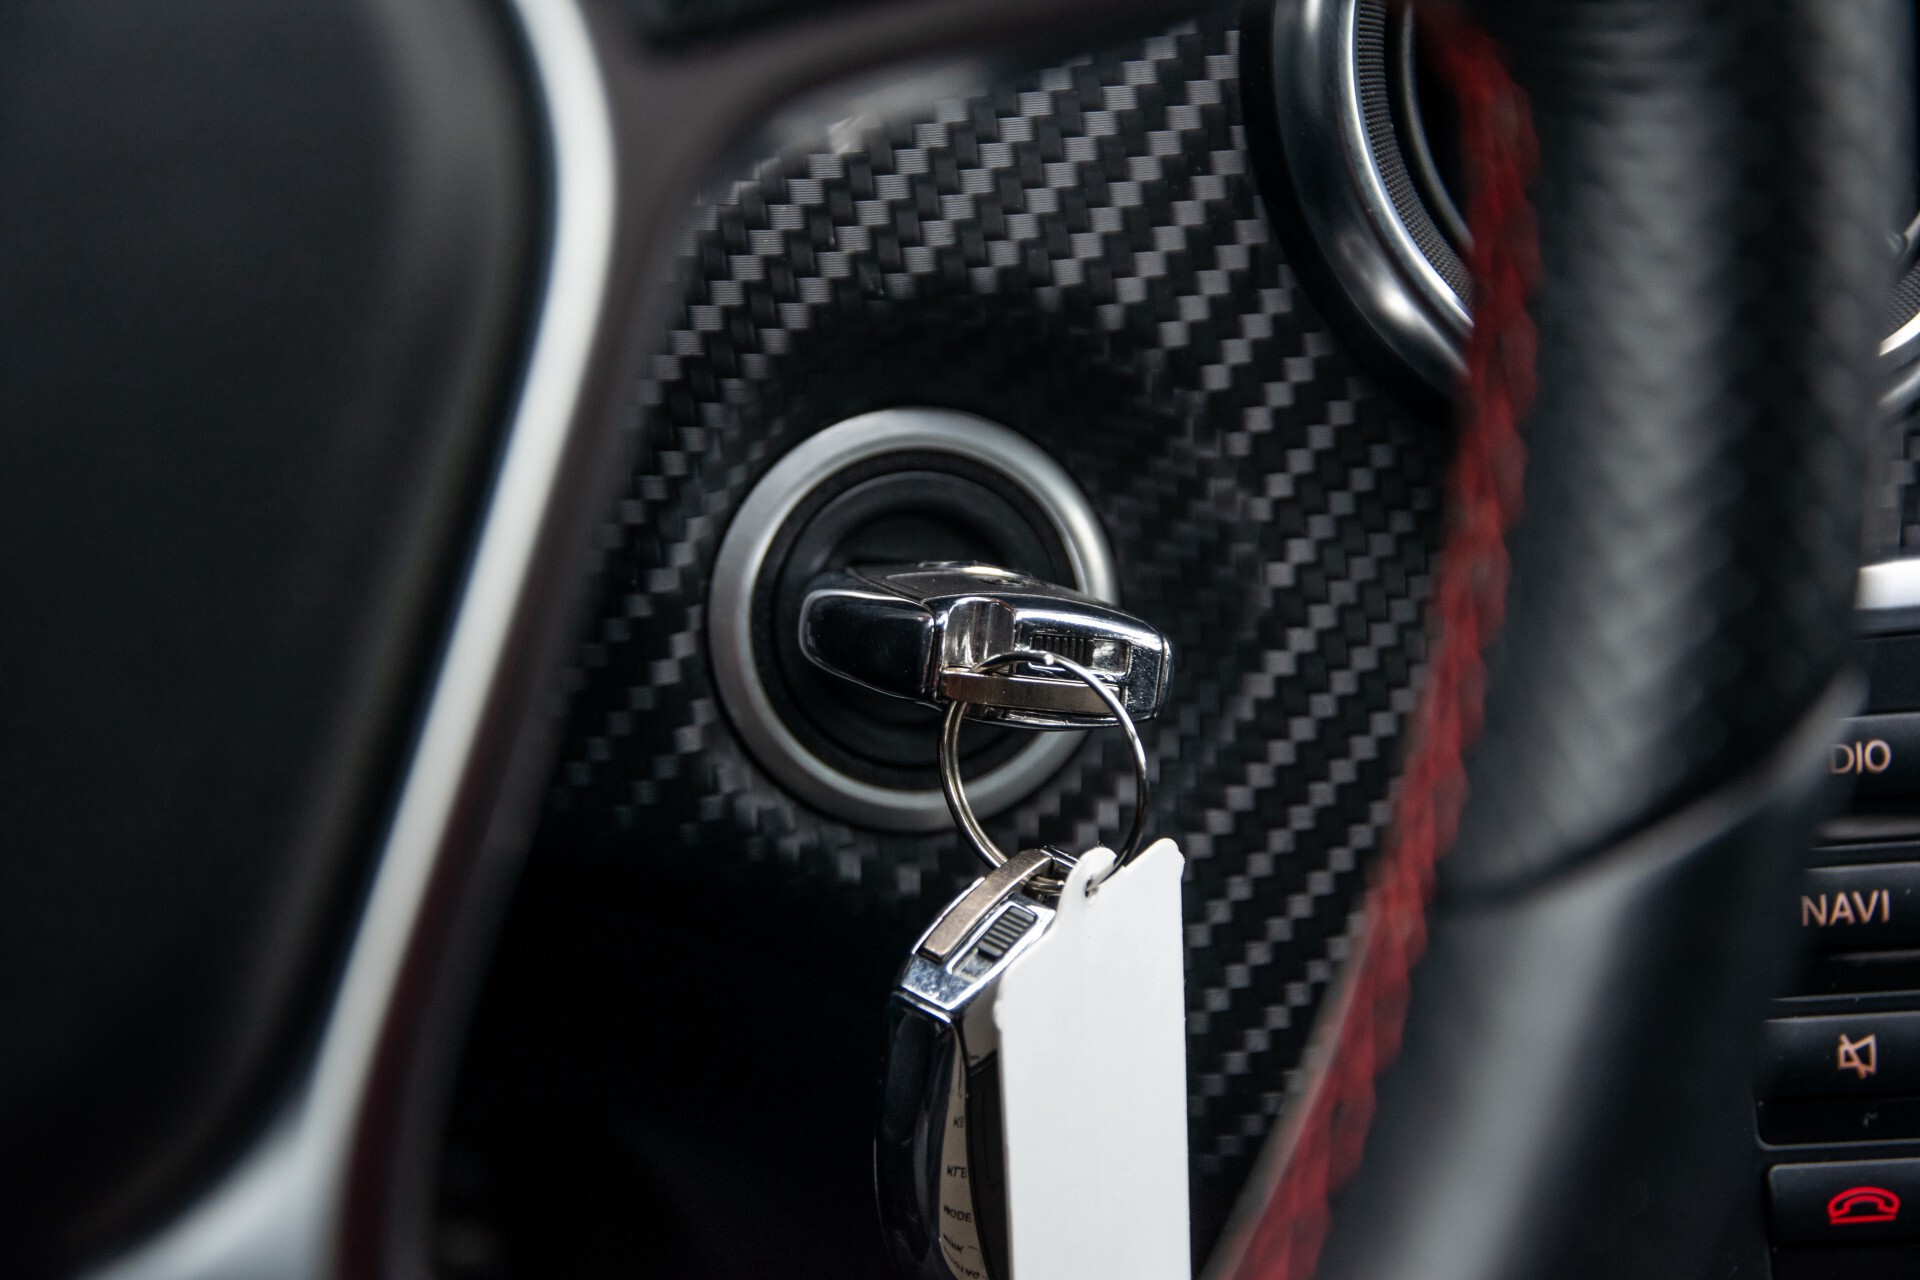 Mercedes-Benz A-Klasse 180 AMG Dynamic Handling/Camera/Xenon/Navi/Privacy Aut7 Foto 40